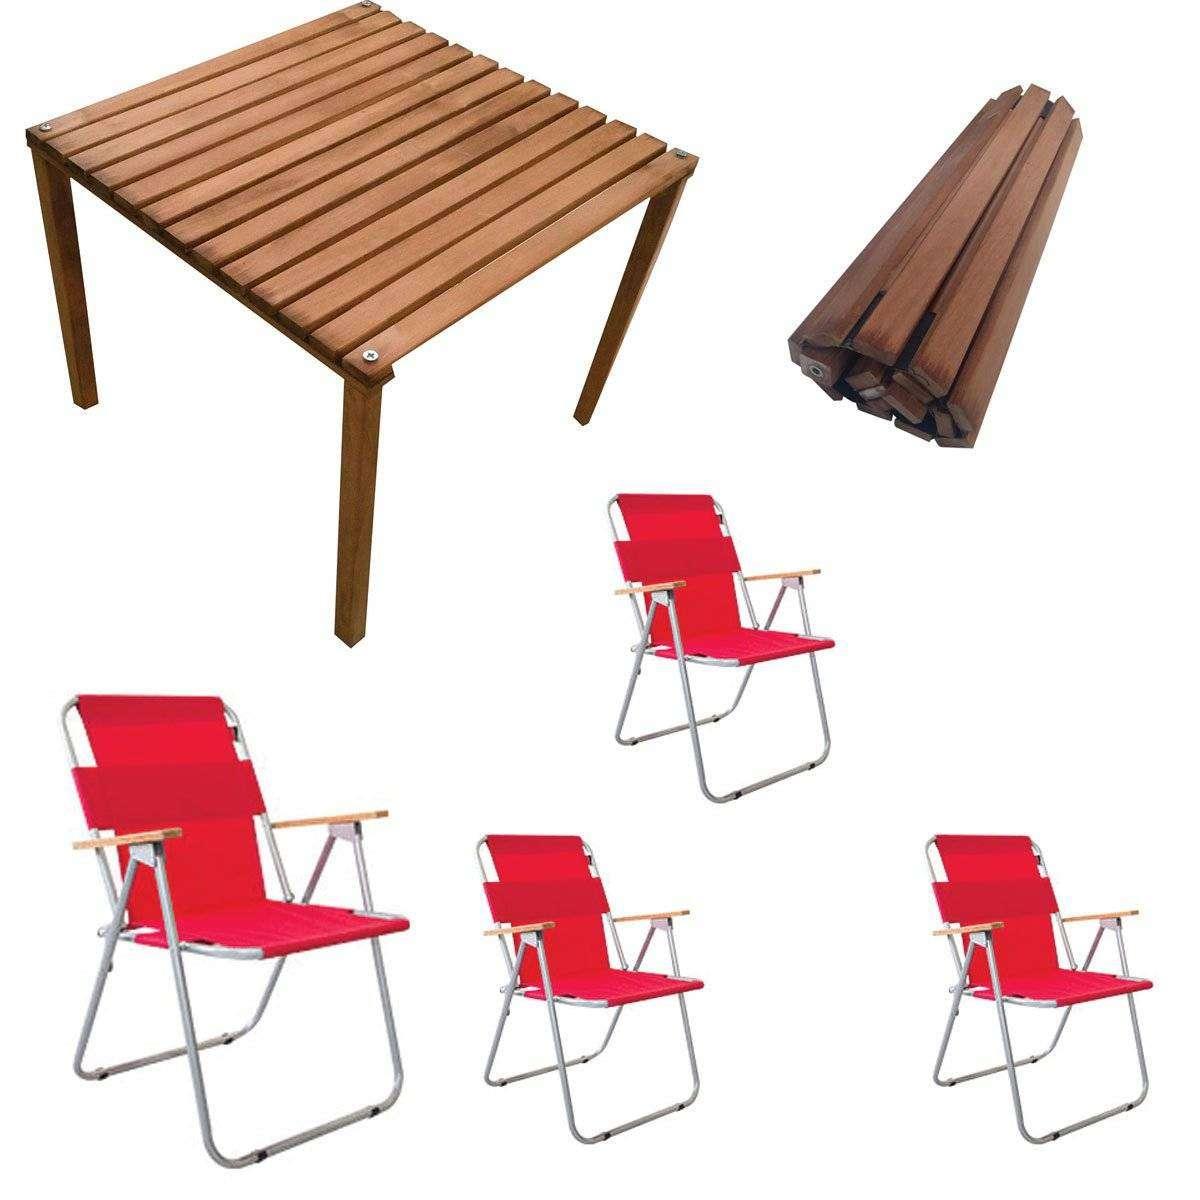 Rulo Katlanır Kamp Masa Sandalye Seti - 4 Sandalyeli